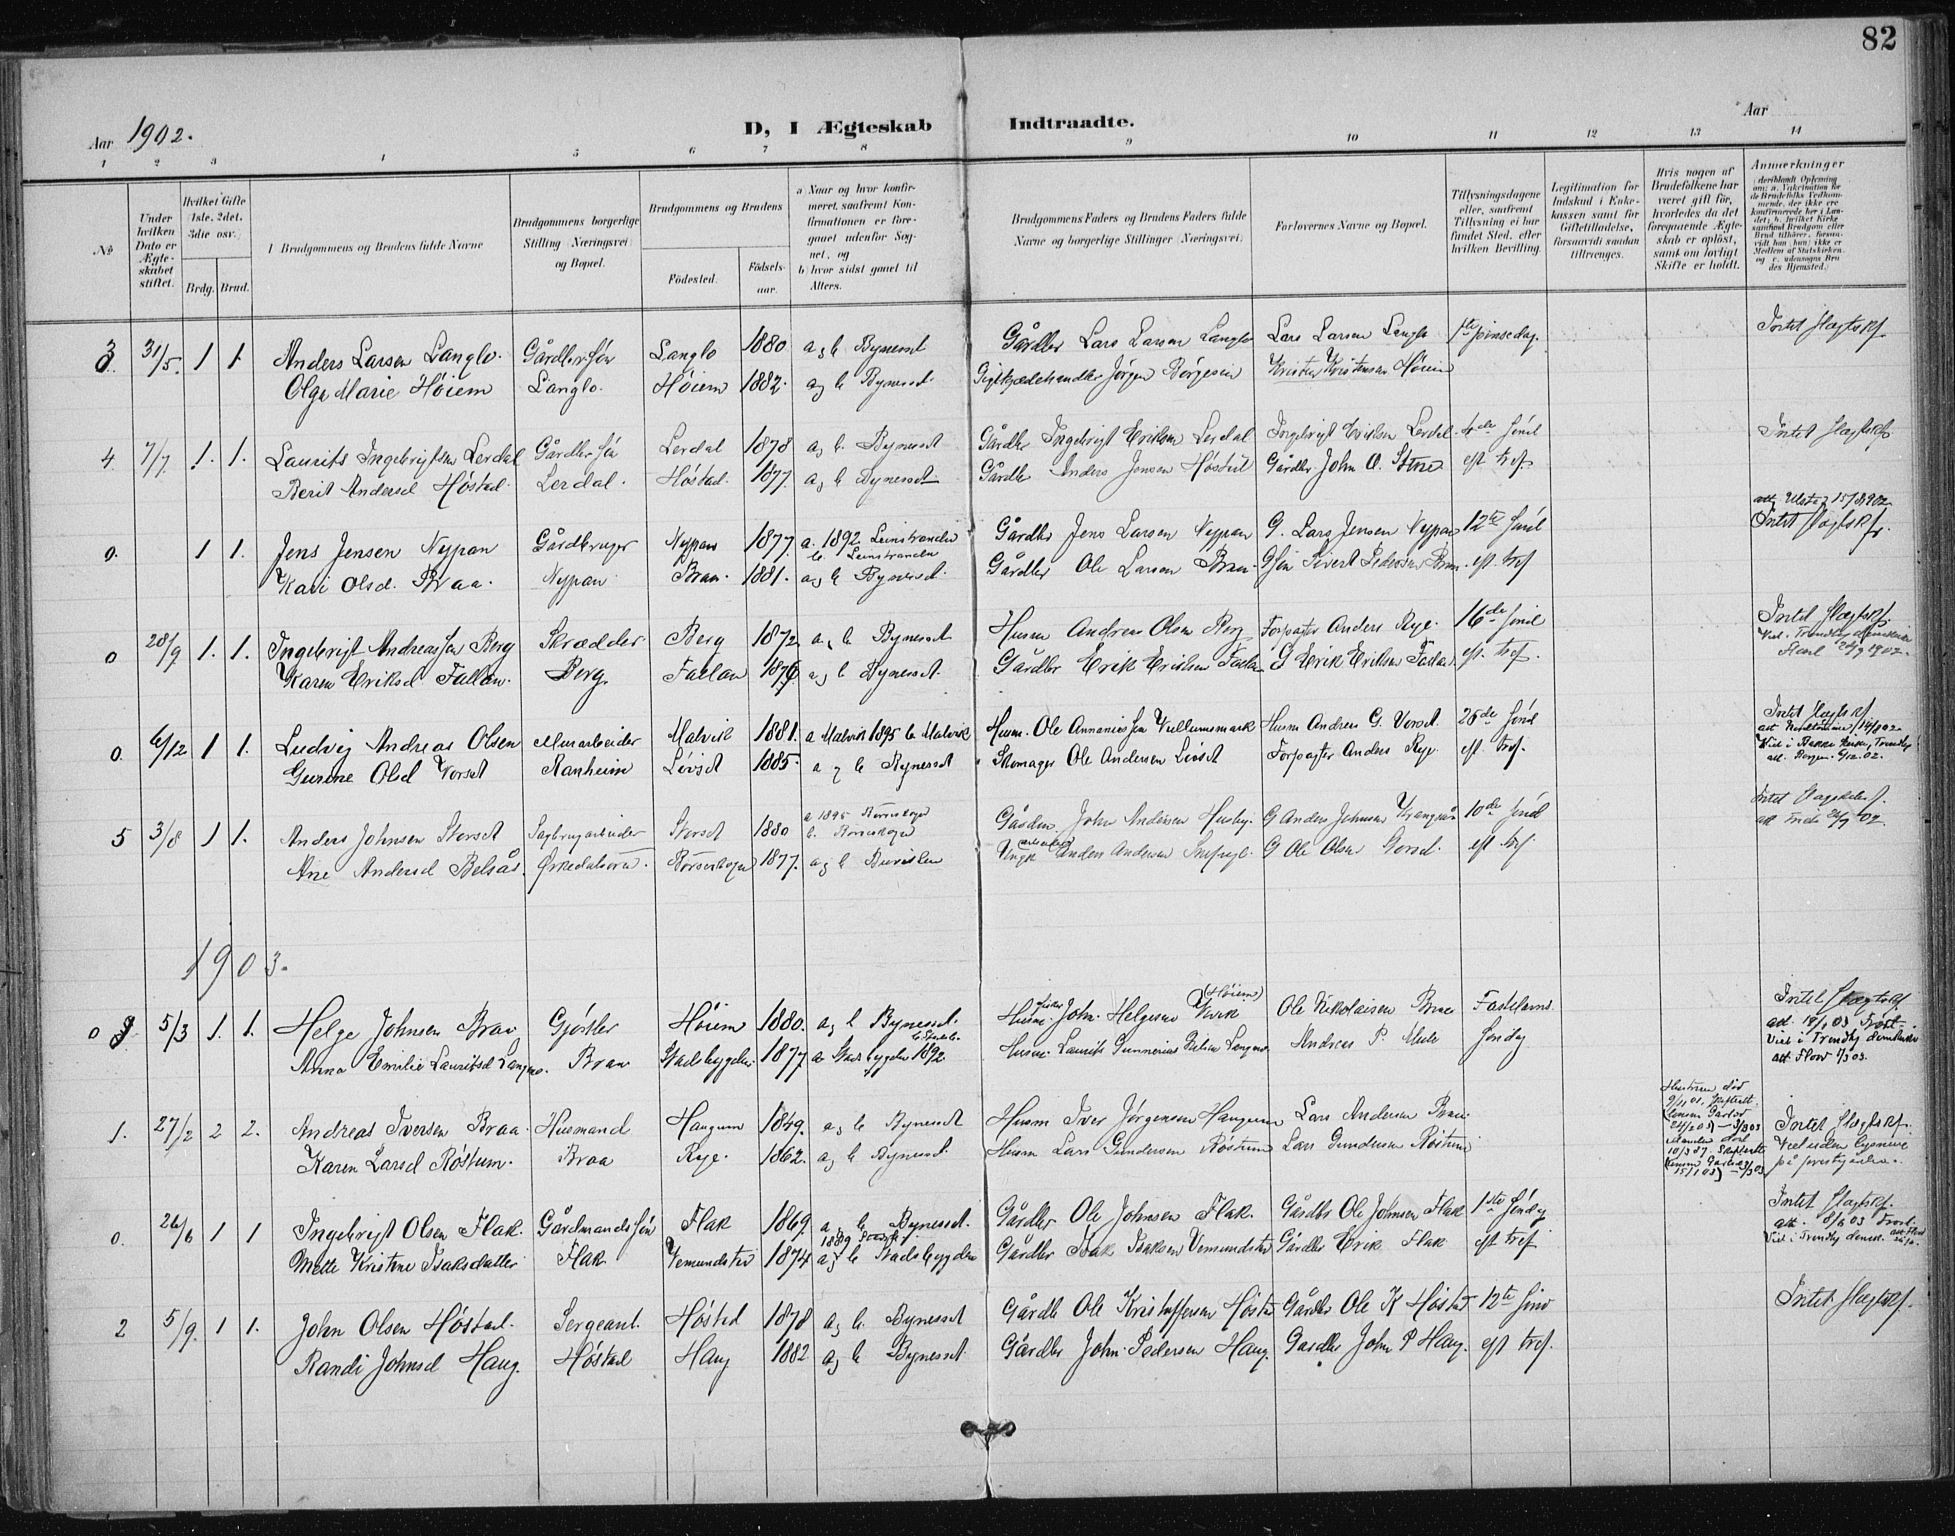 SAT, Ministerialprotokoller, klokkerbøker og fødselsregistre - Sør-Trøndelag, 612/L0380: Ministerialbok nr. 612A12, 1898-1907, s. 82